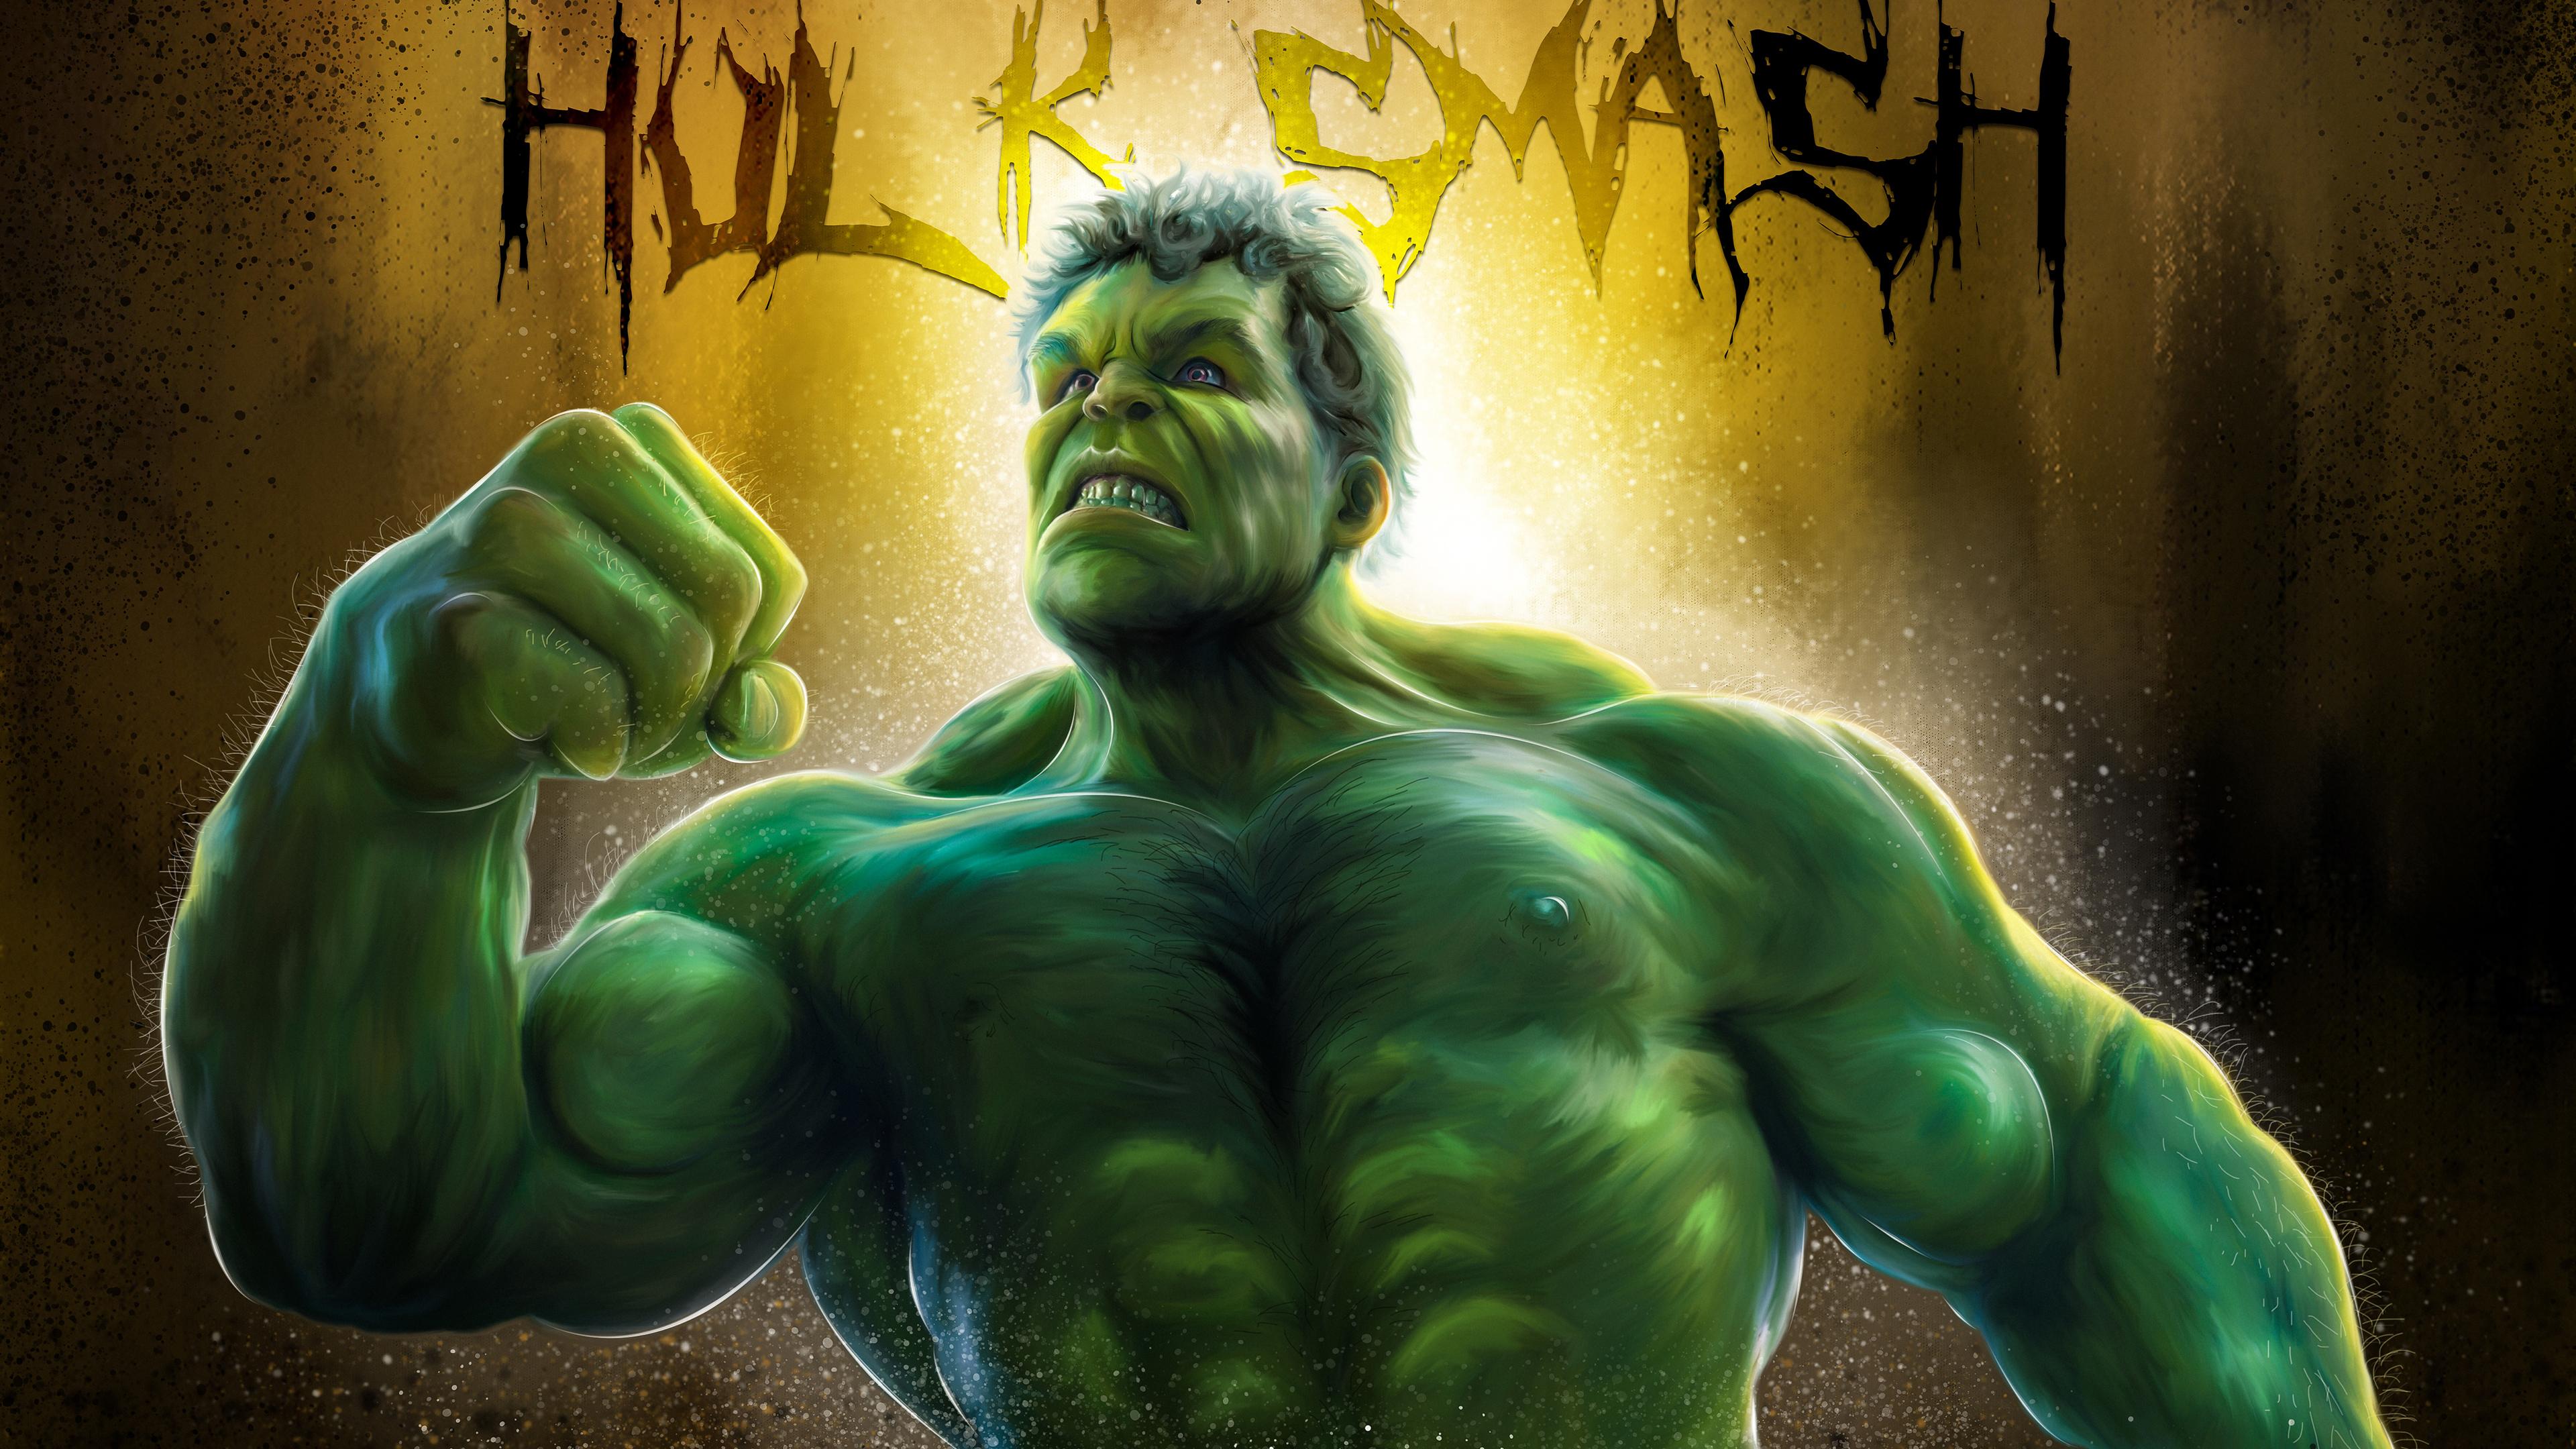 Hulk 4k Ultra Fondo De Pantalla Hd Fondo De Escritorio